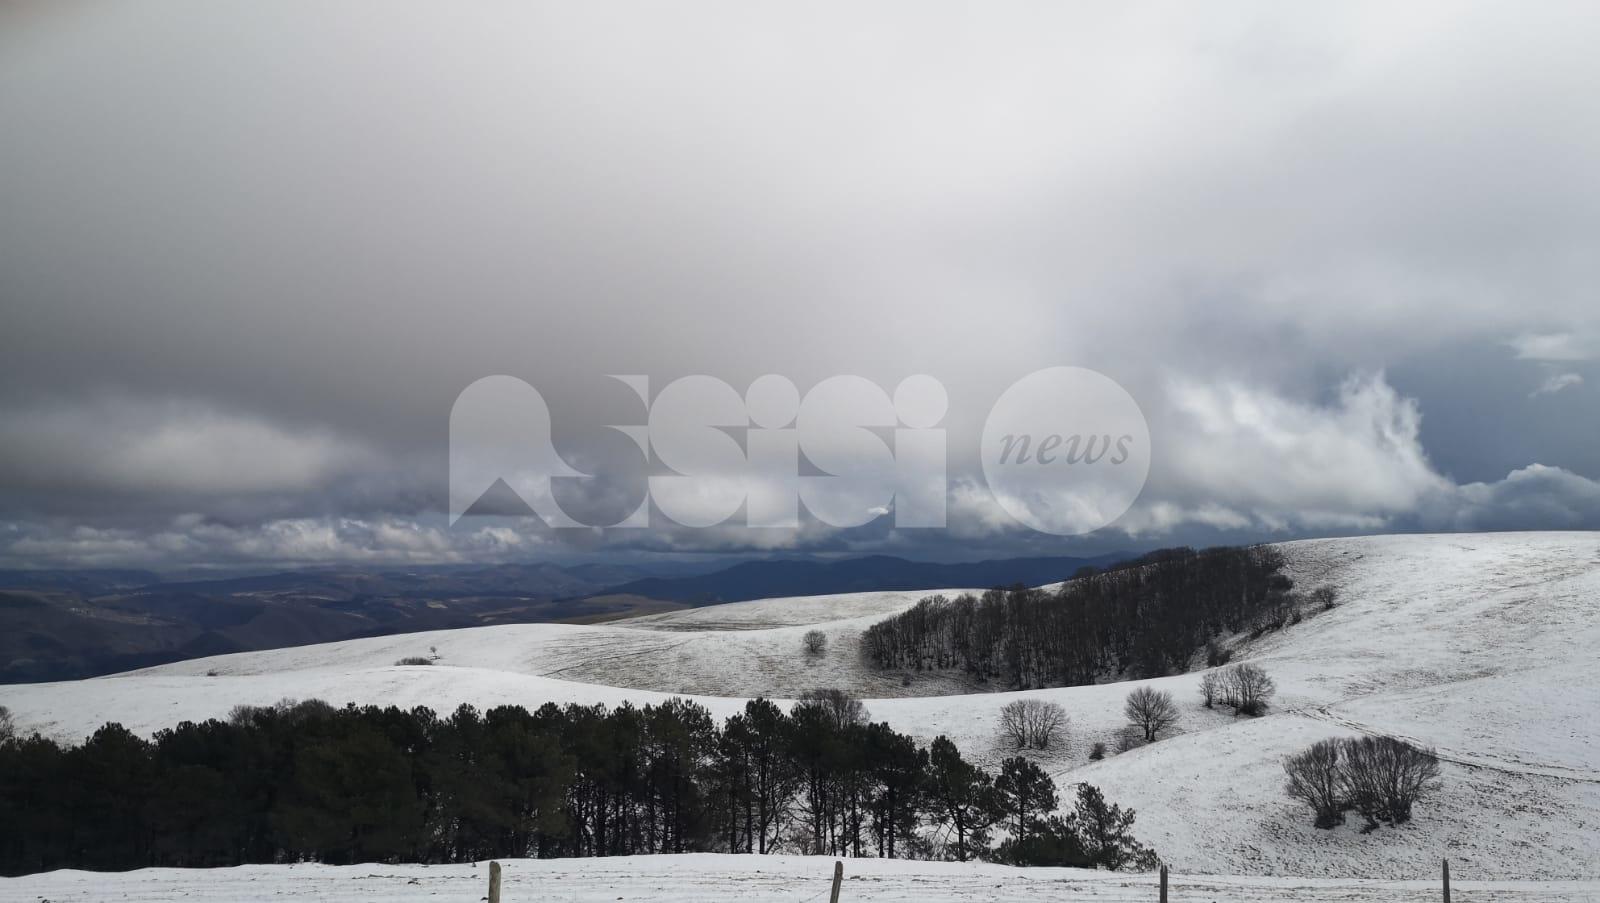 Neve sul Subasio a marzo 2020, lo spettacolo del monte ad Assisi (foto)